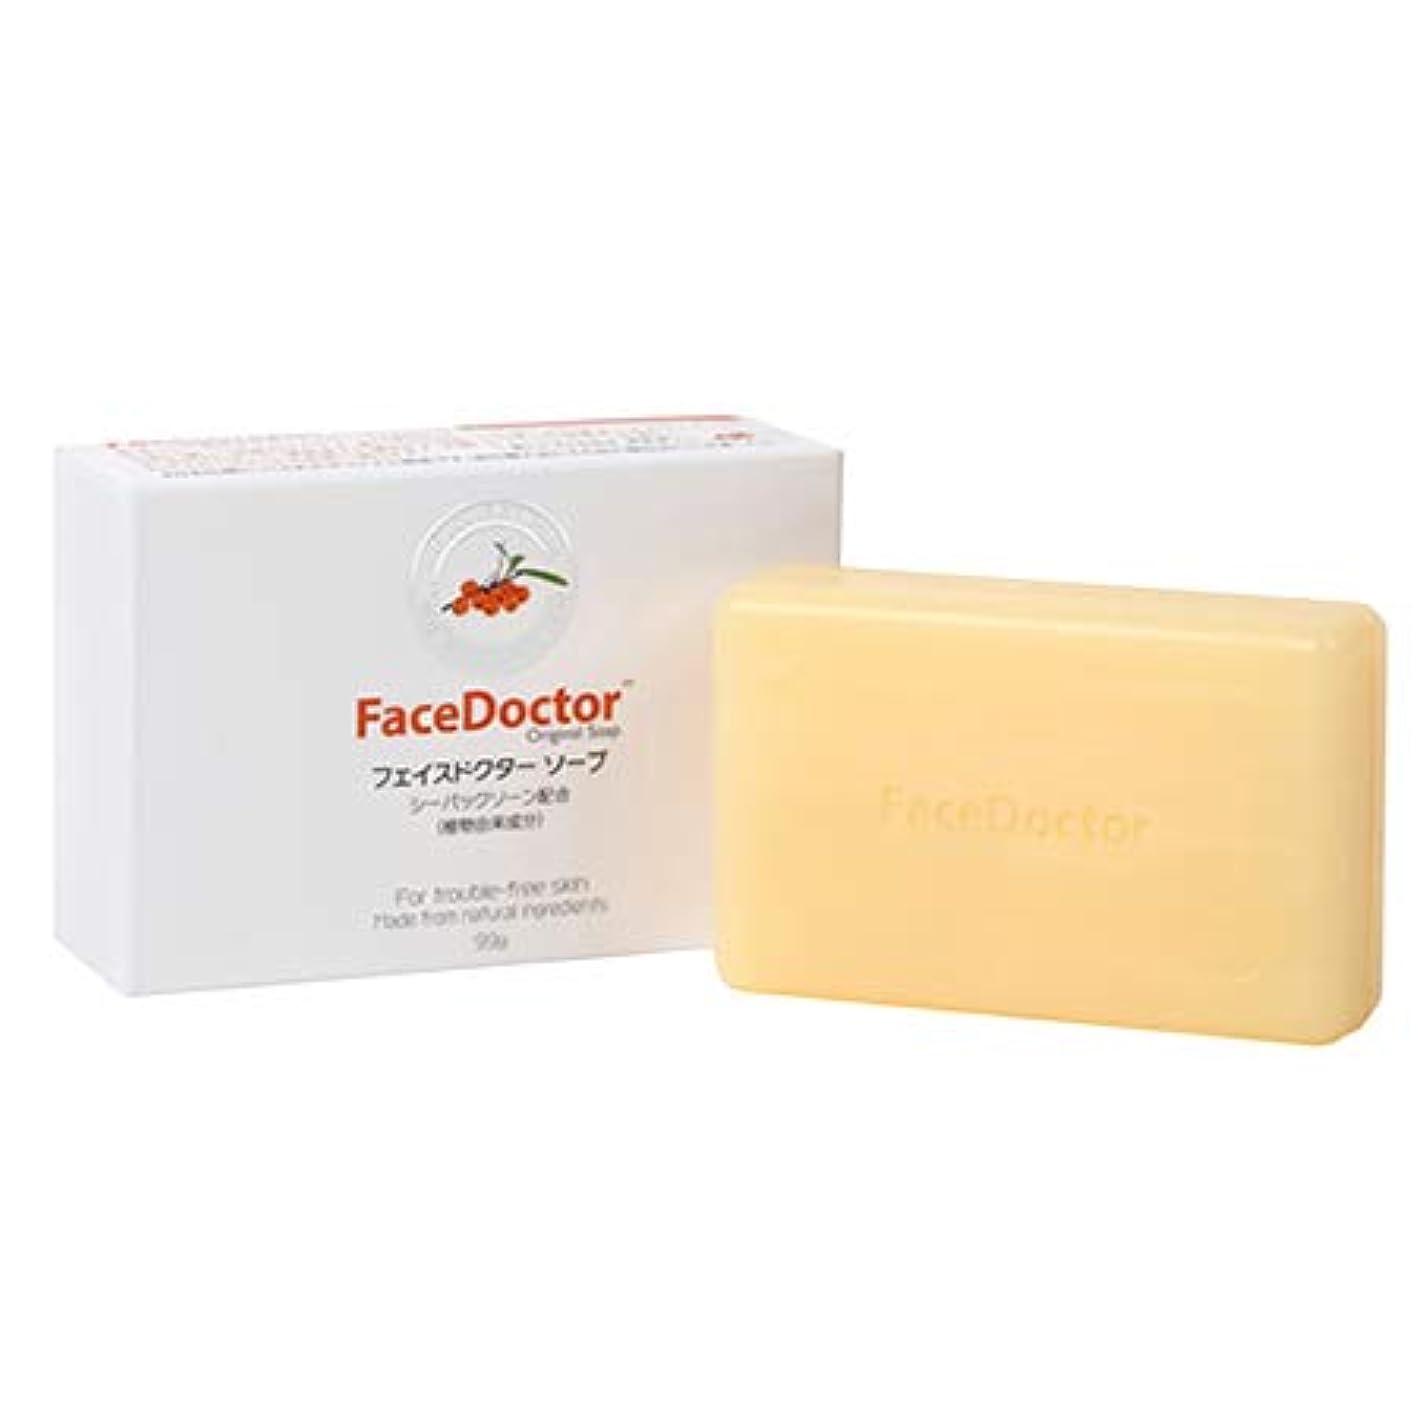 バッフル夜明けパプアニューギニア顔ダニ石鹸 FaceDoctor フェイスドクター ソープ 国内正規品